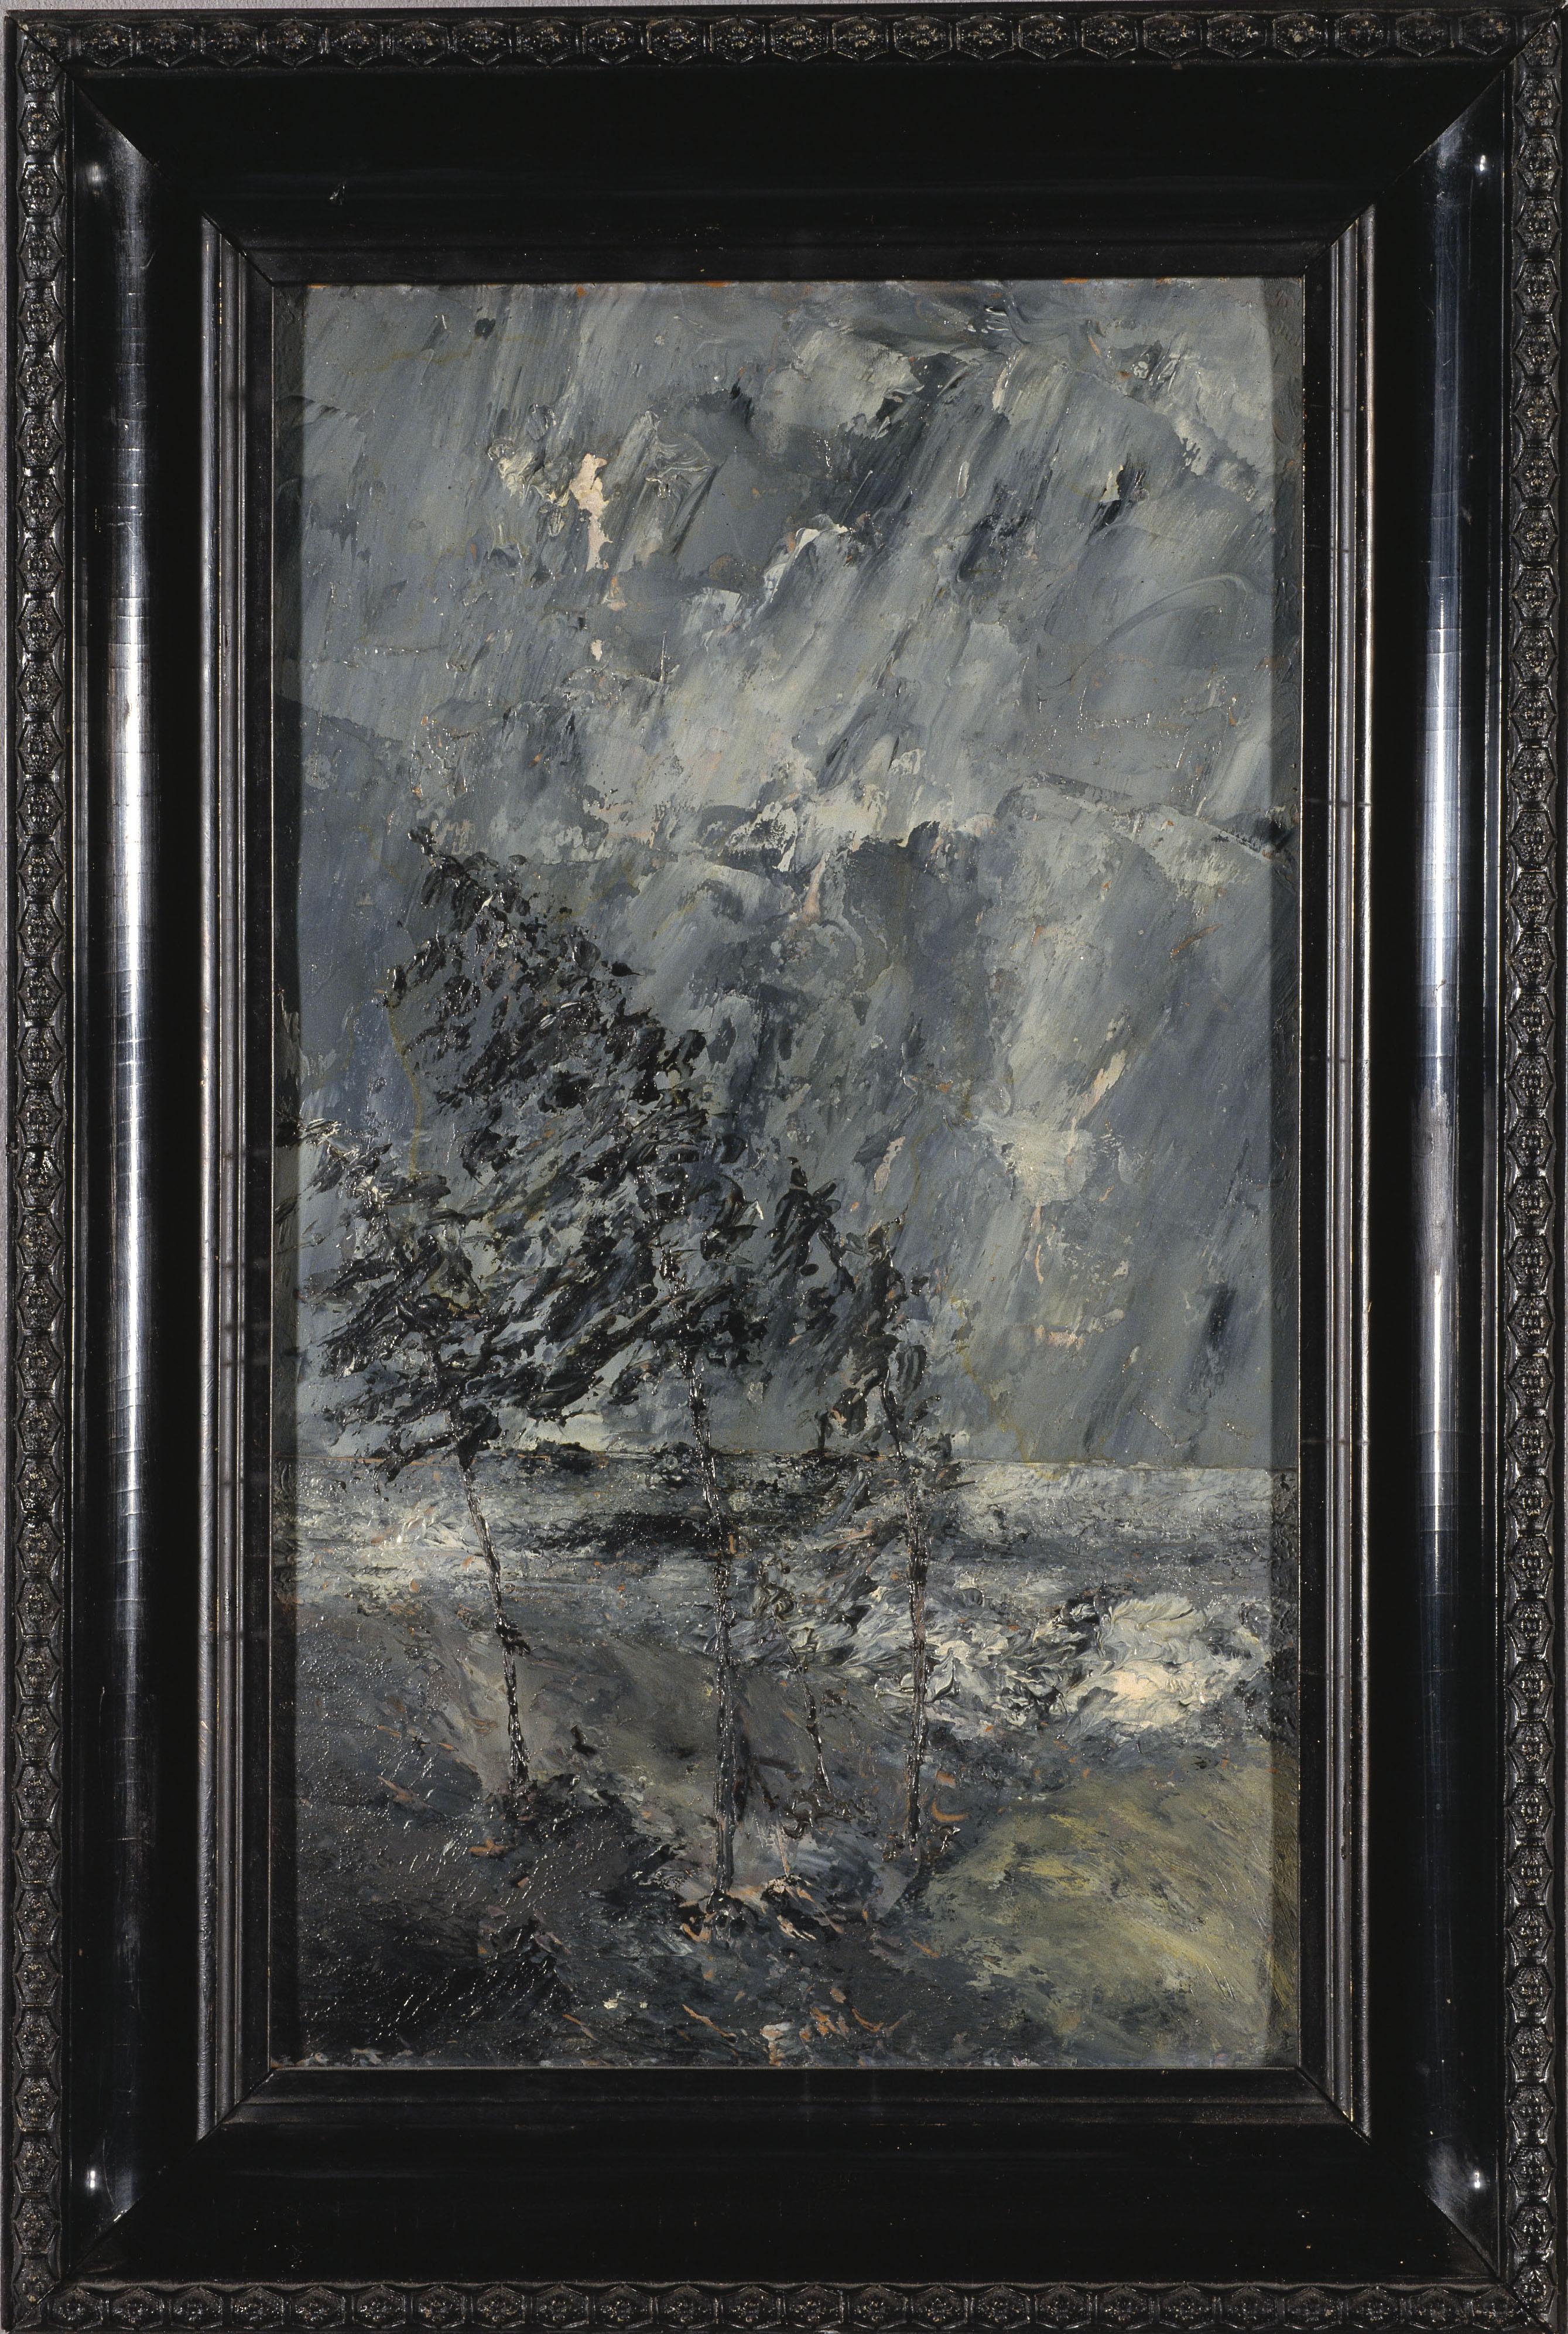 Tavlan Oväder målad av August Strindberg 1892 på Dalarö.